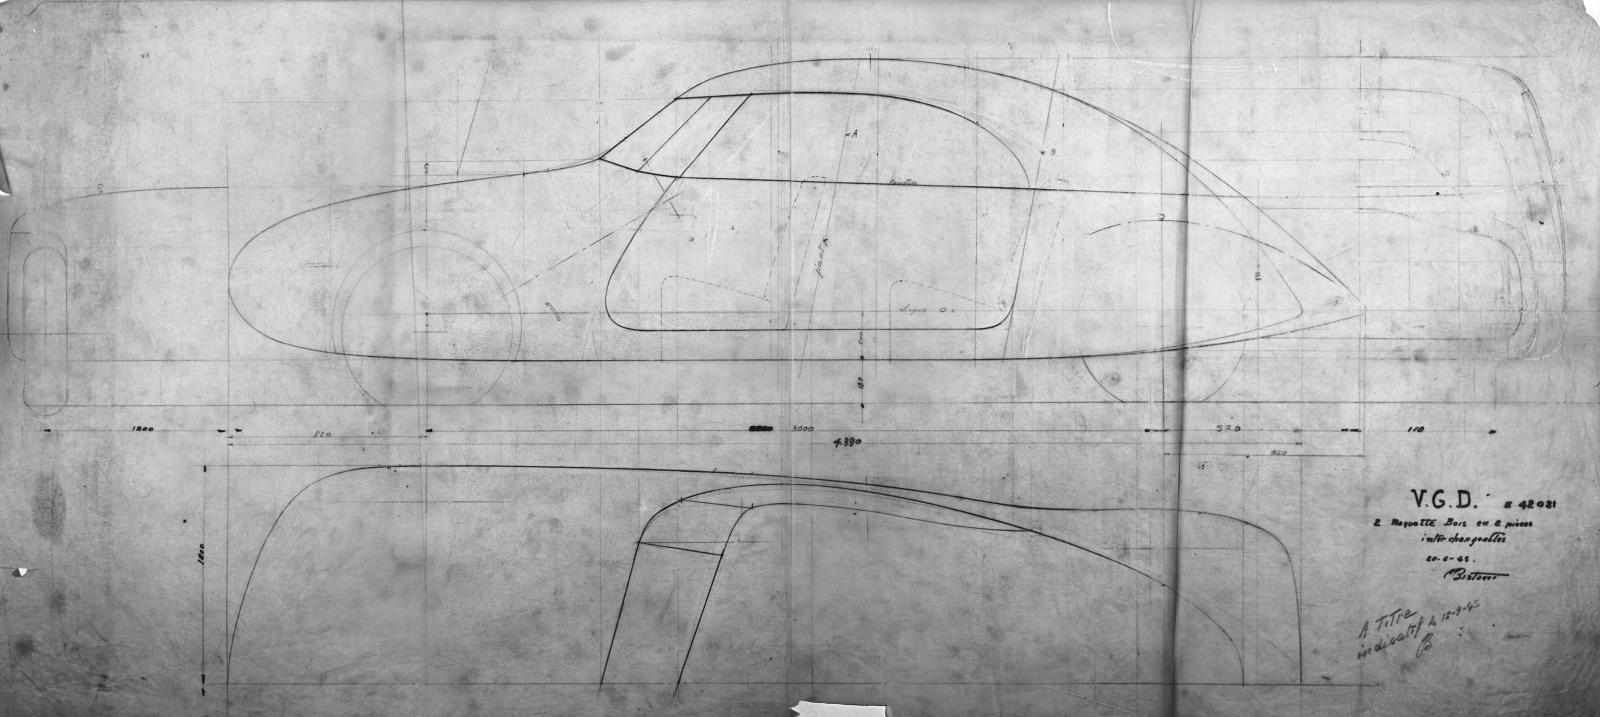 Dessin de style DS - Bertoni Flaminio - 1945